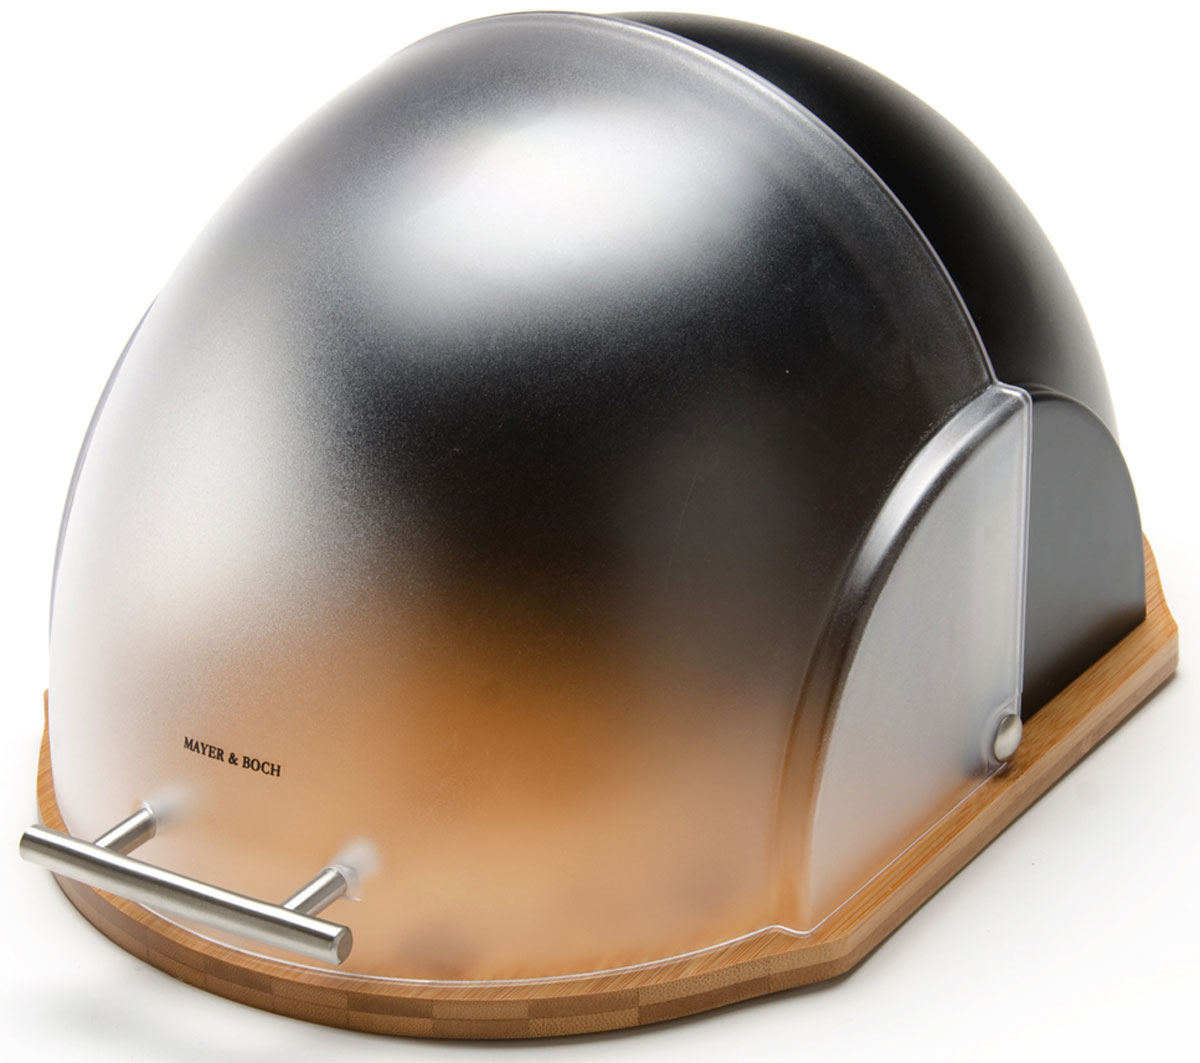 Хлебница Mayer & Boch, 27 х 21 х 38 см. 2619426194Хлебница Mayer & Boch, выполненная в оригинальном дизайне, позволит сохранить ваш хлеб свежим и вкусным. Изделие имеет основание из бамбука. Полупрозрачная пластиковая крышка плавно открывается и является герметичной. Крышка оснащена ручкой. Эксклюзивный дизайн, эстетика и функциональность хлебницы делают ее превосходным аксессуаром на вашей кухне.